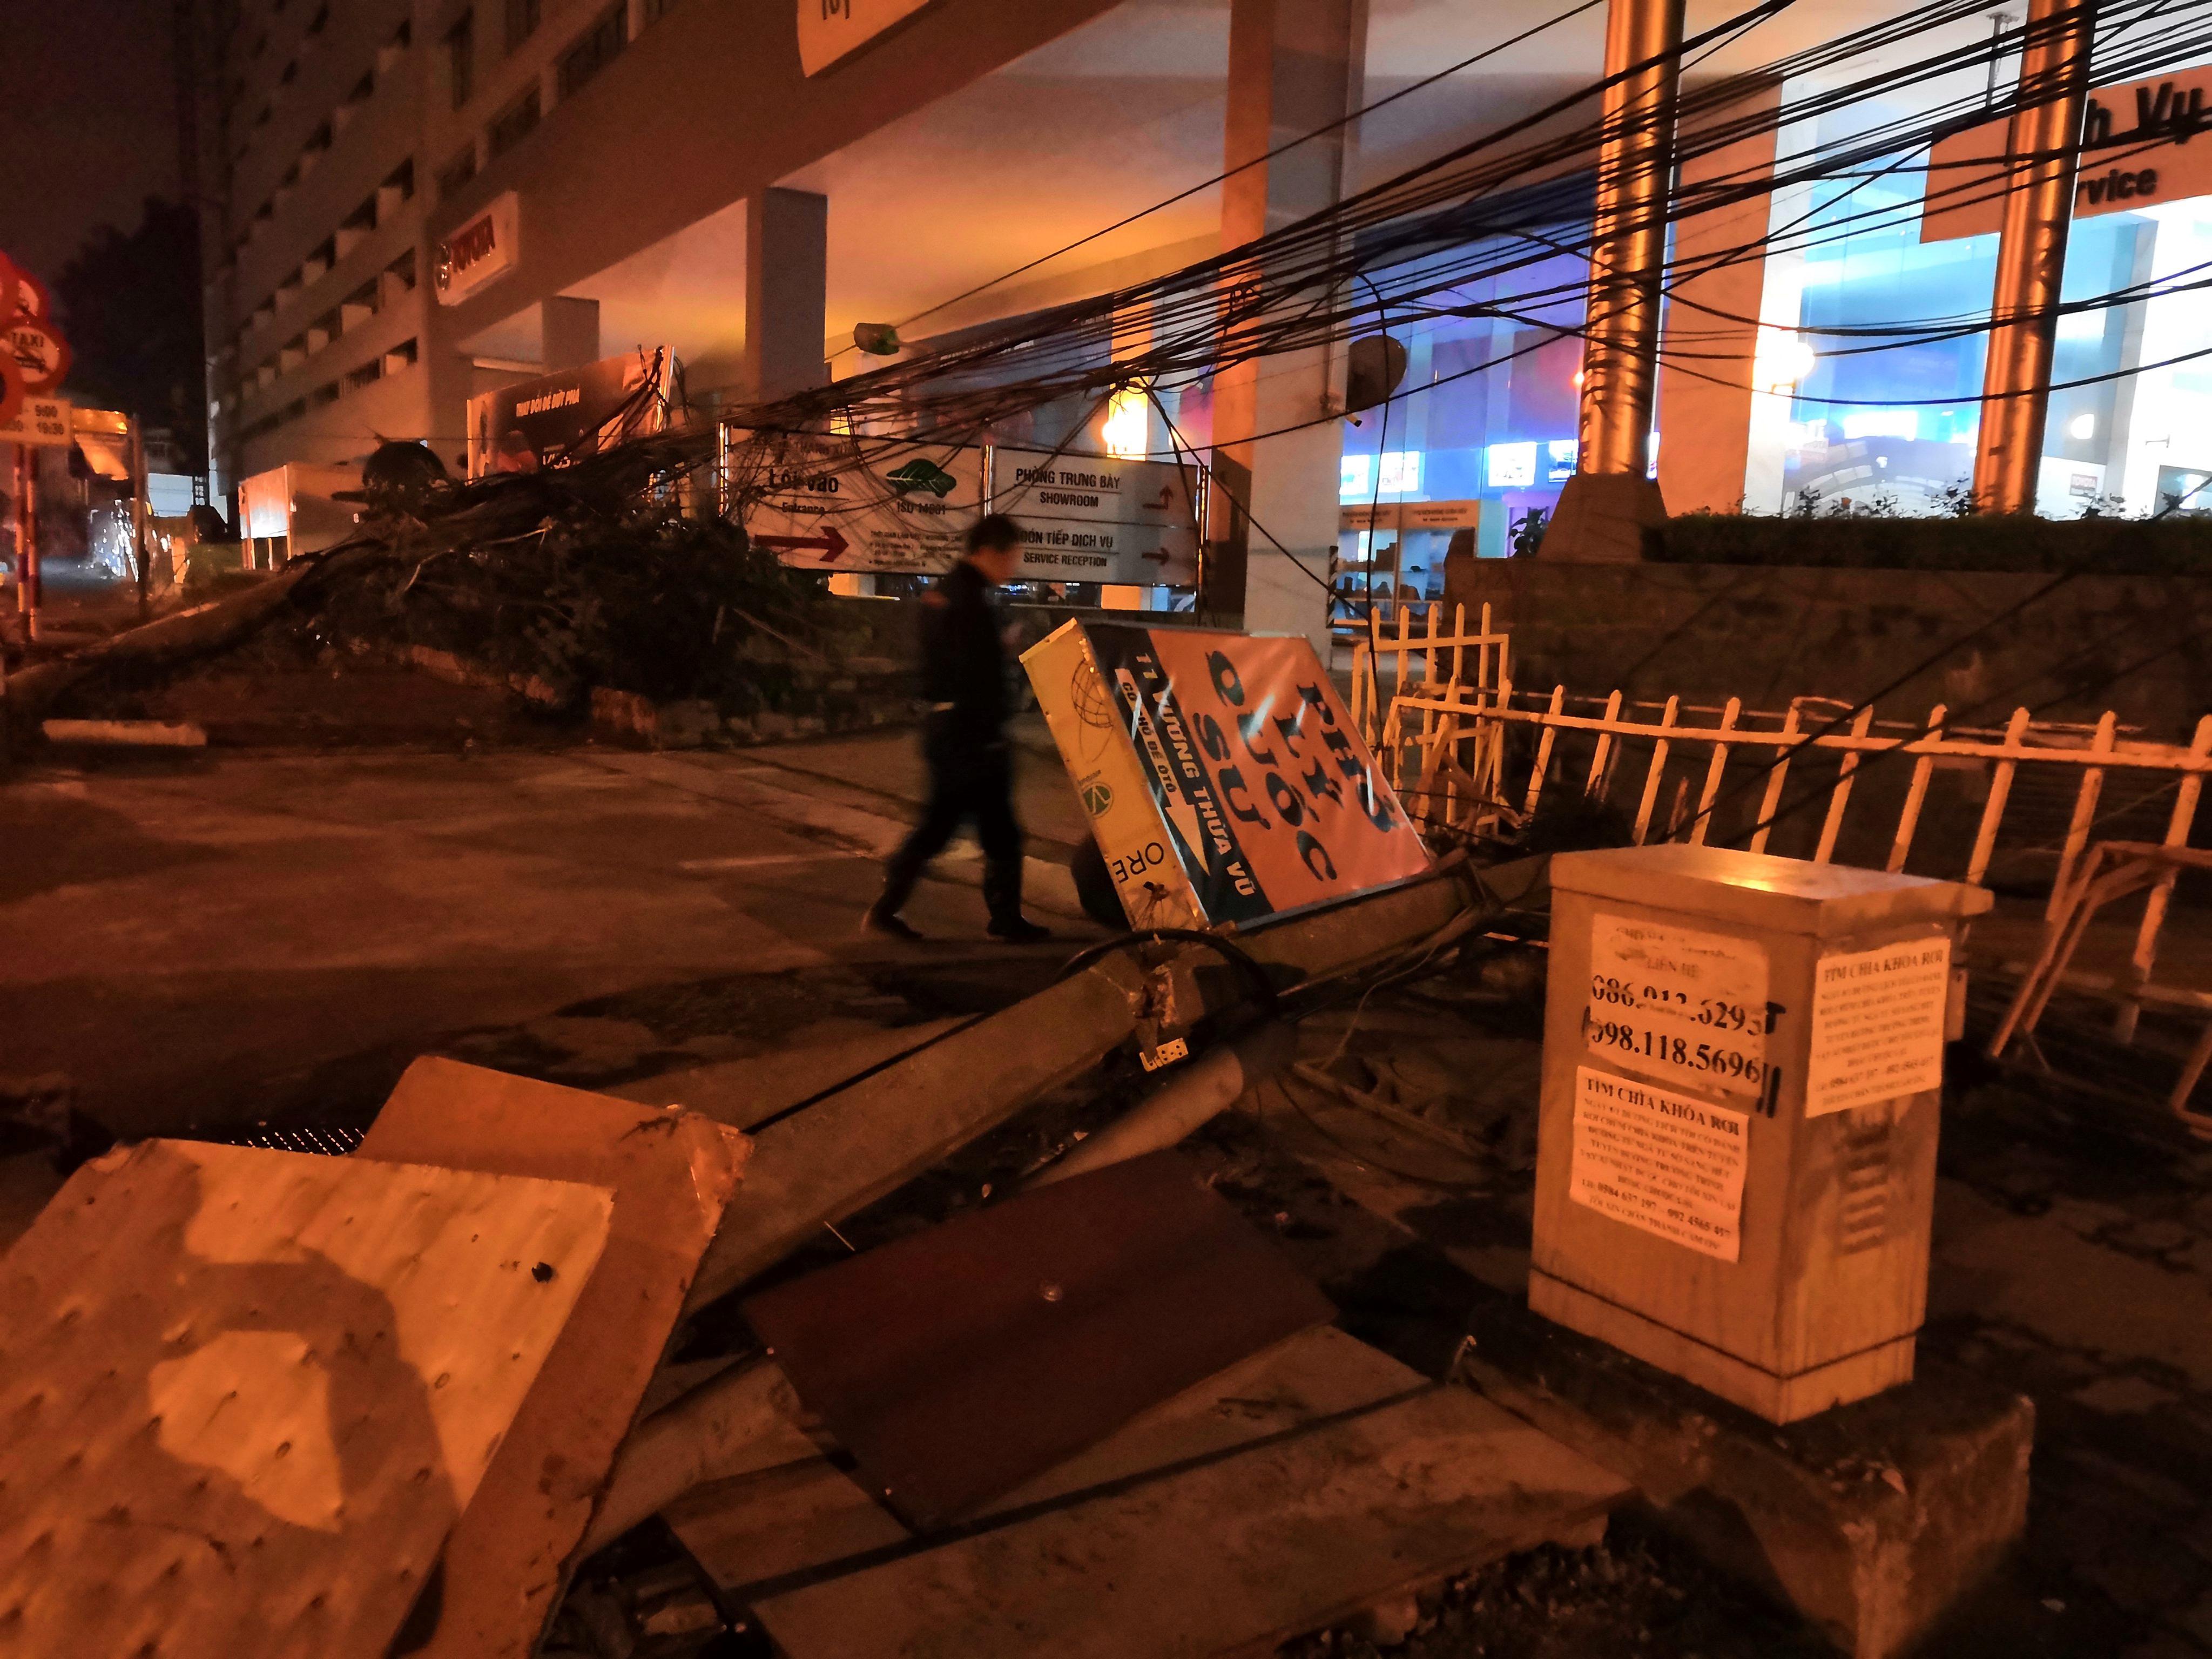 Xe bồn chở xăng kéo đổ 4 cột điện trong đêm, nhiều hộ dân mất điện Ảnh 4